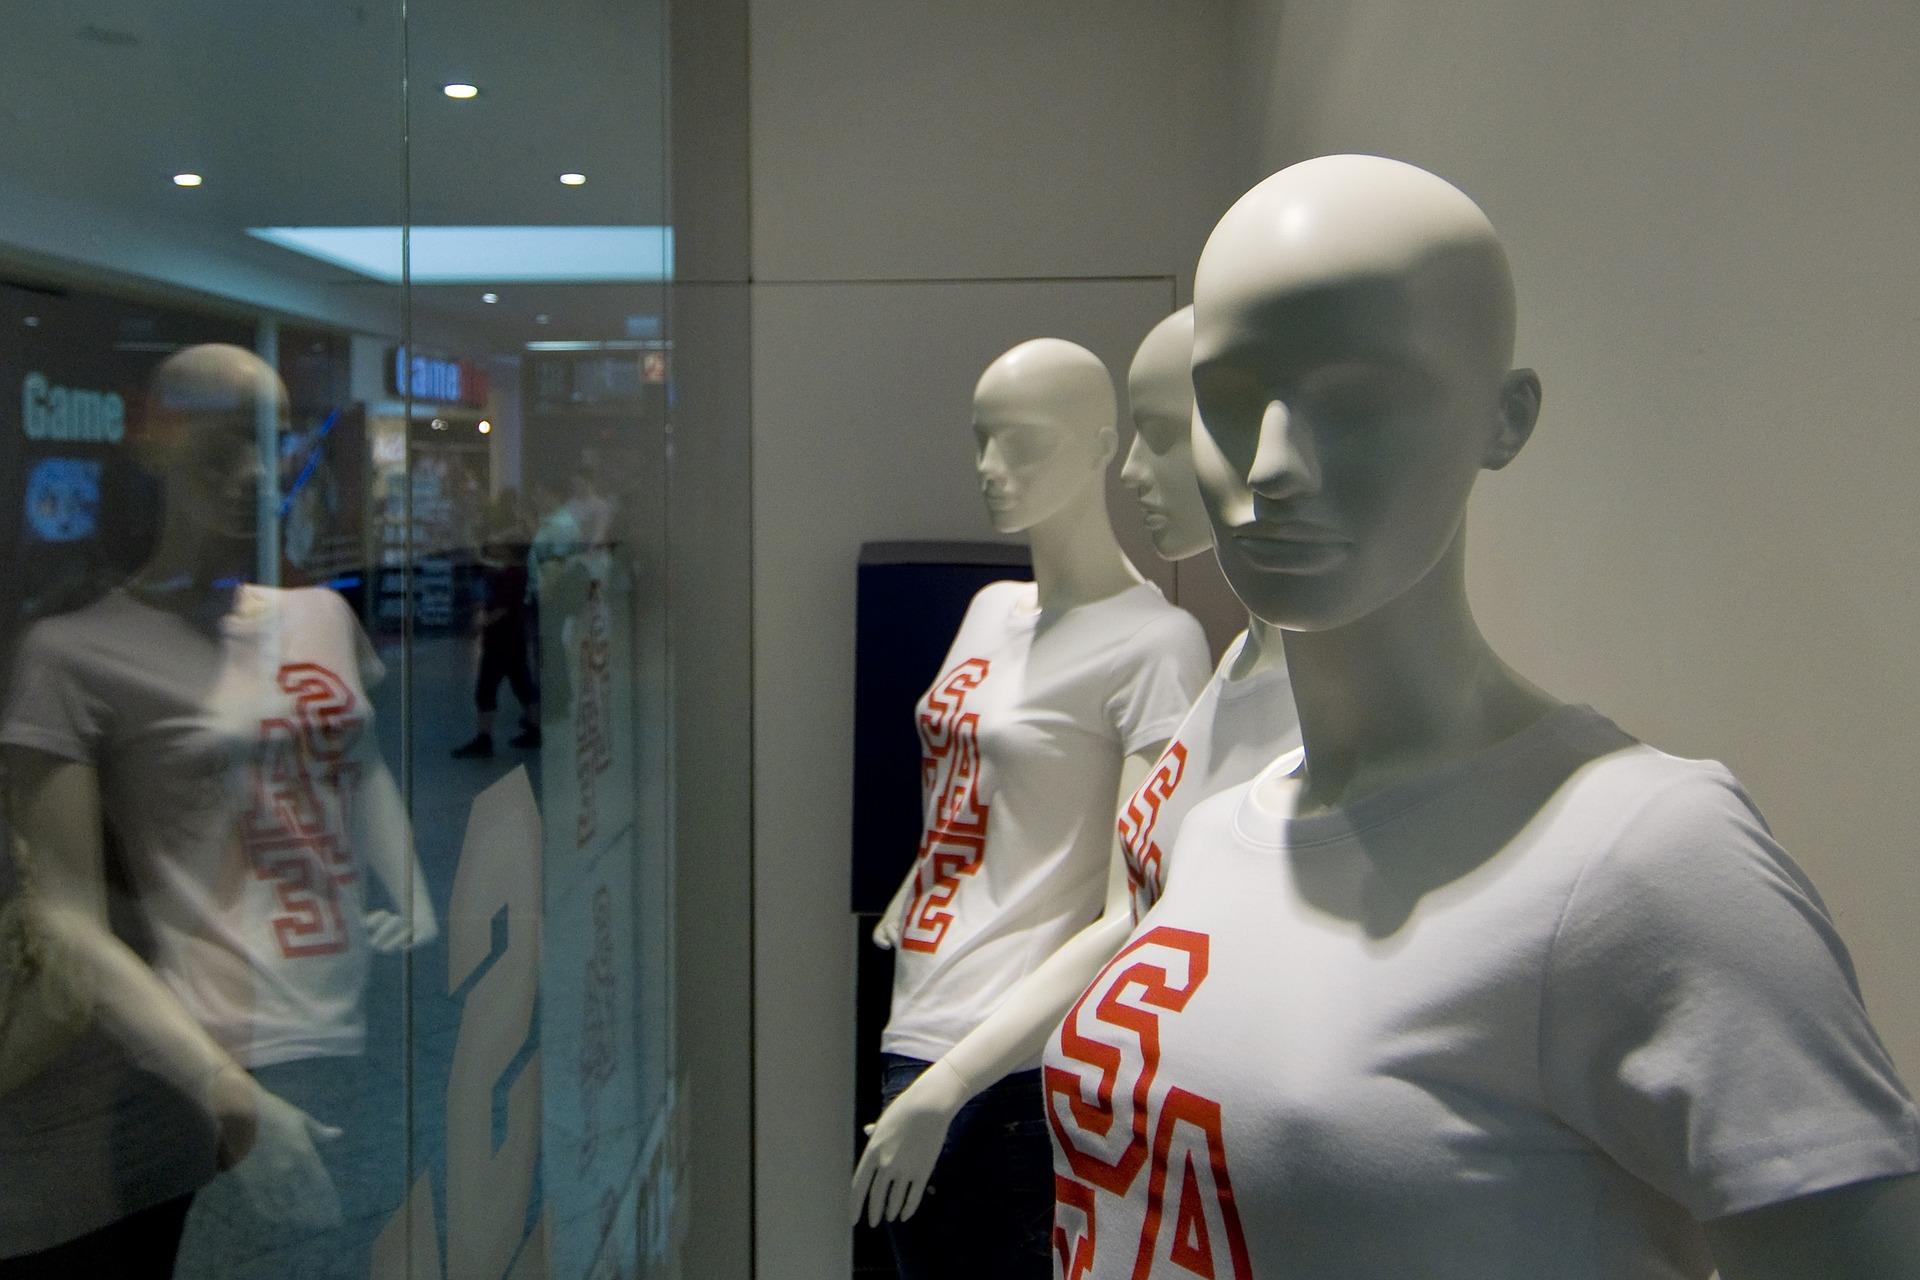 Sorveglianza per Supermercati e Centri Commerciali